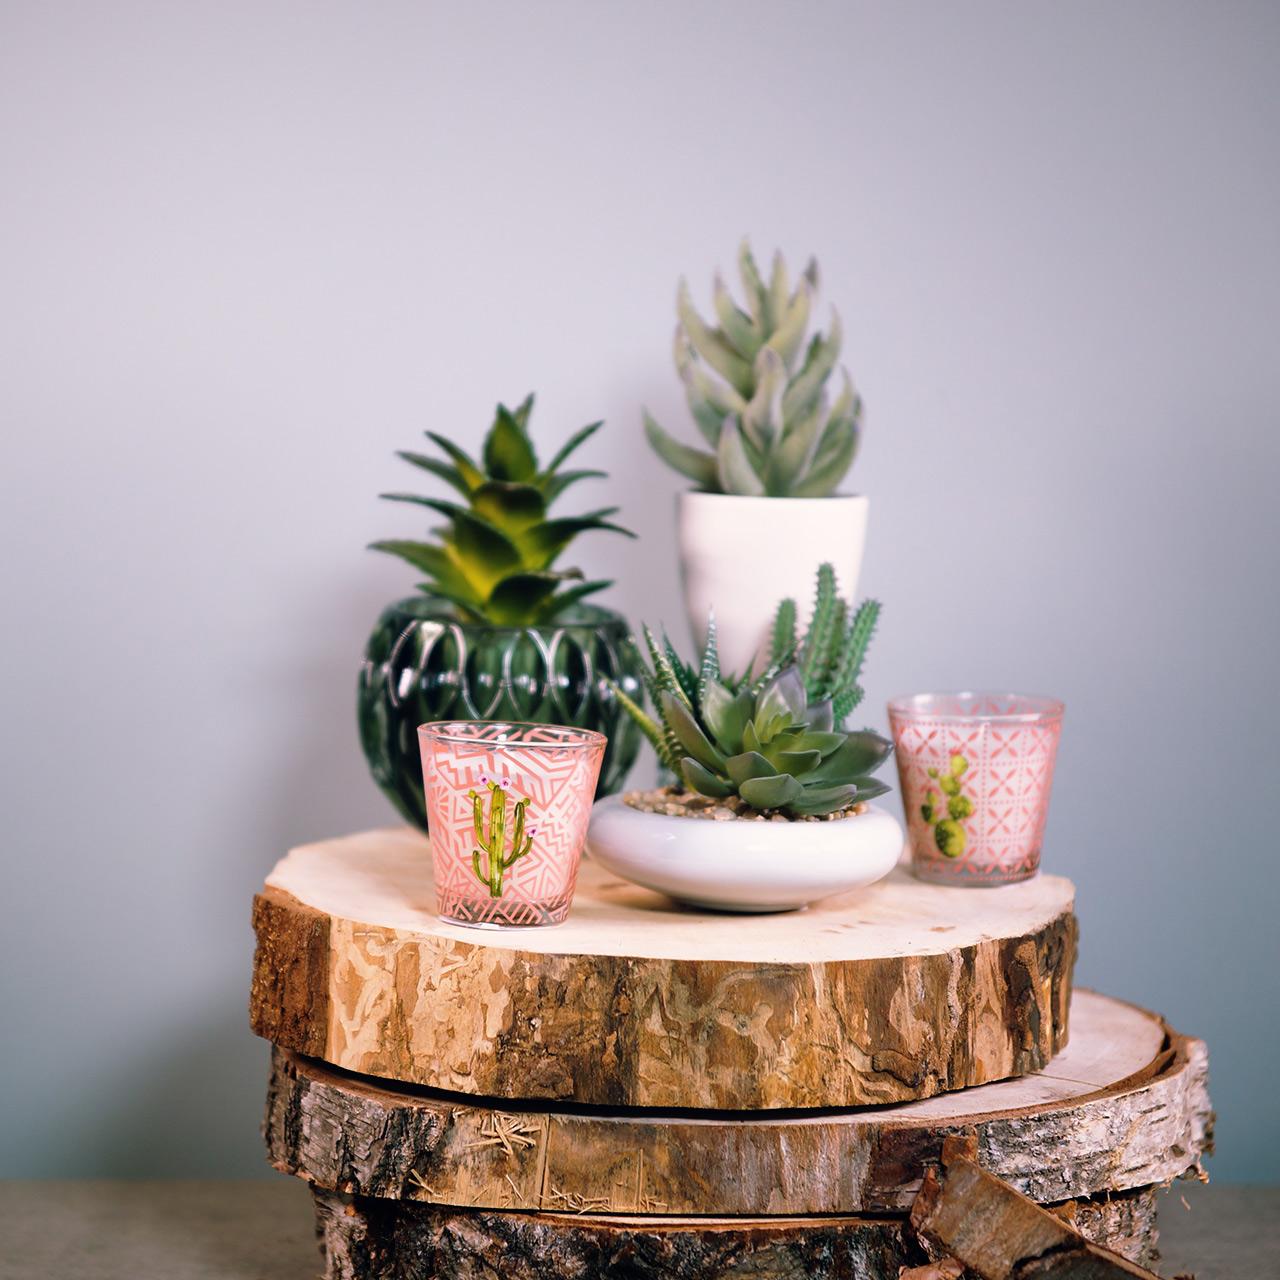 Candela di cera in vetro cactus Ø6,5cm 2 pezzi